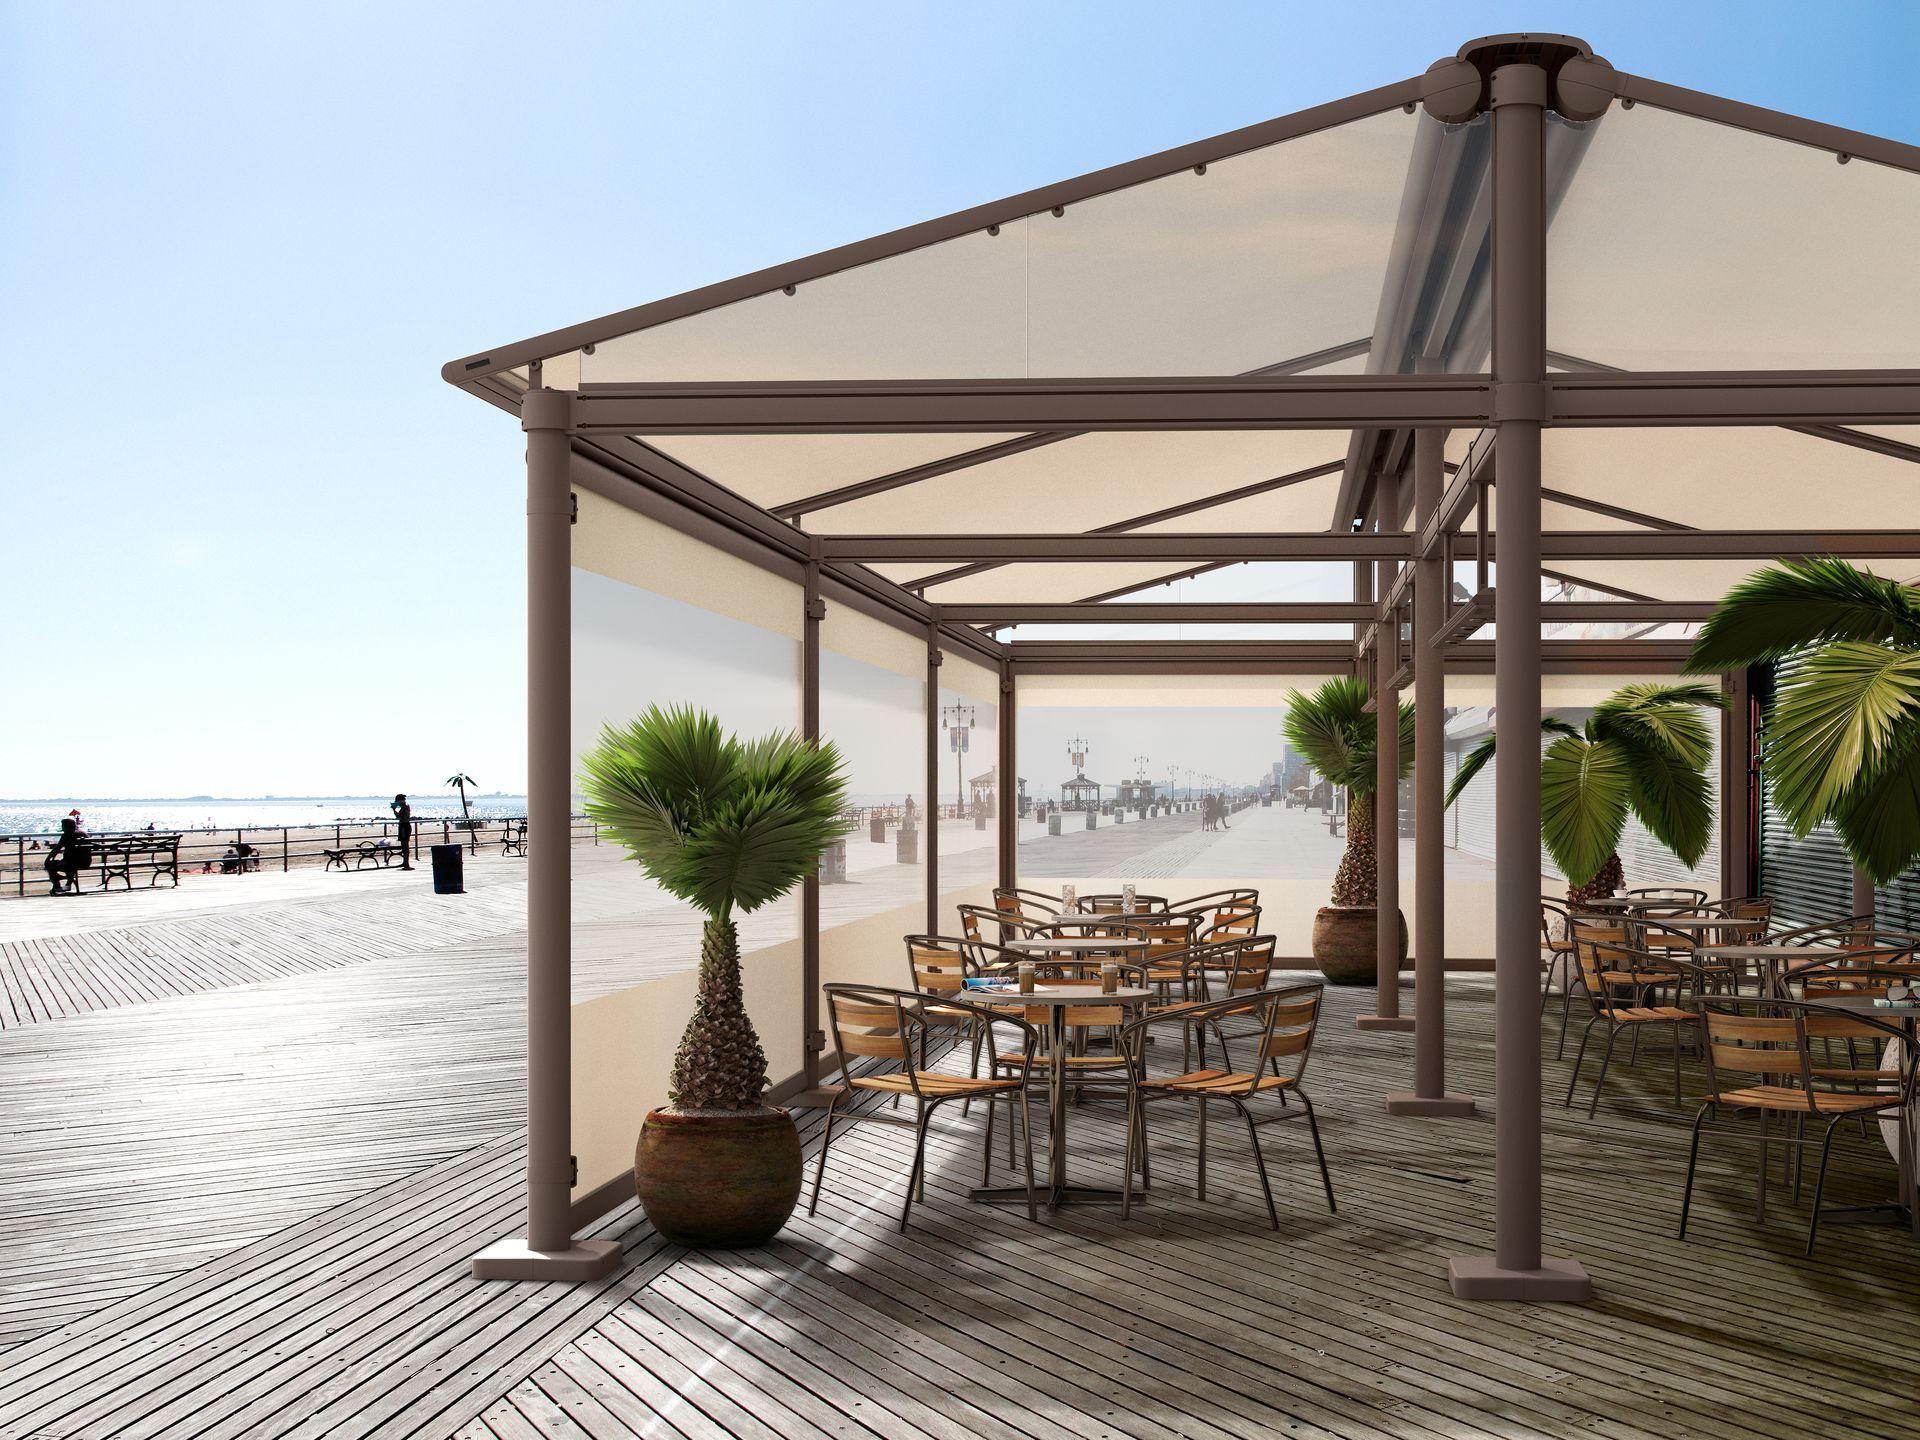 87984_construct-710-Imagebild Strandpromenade_large.jpg